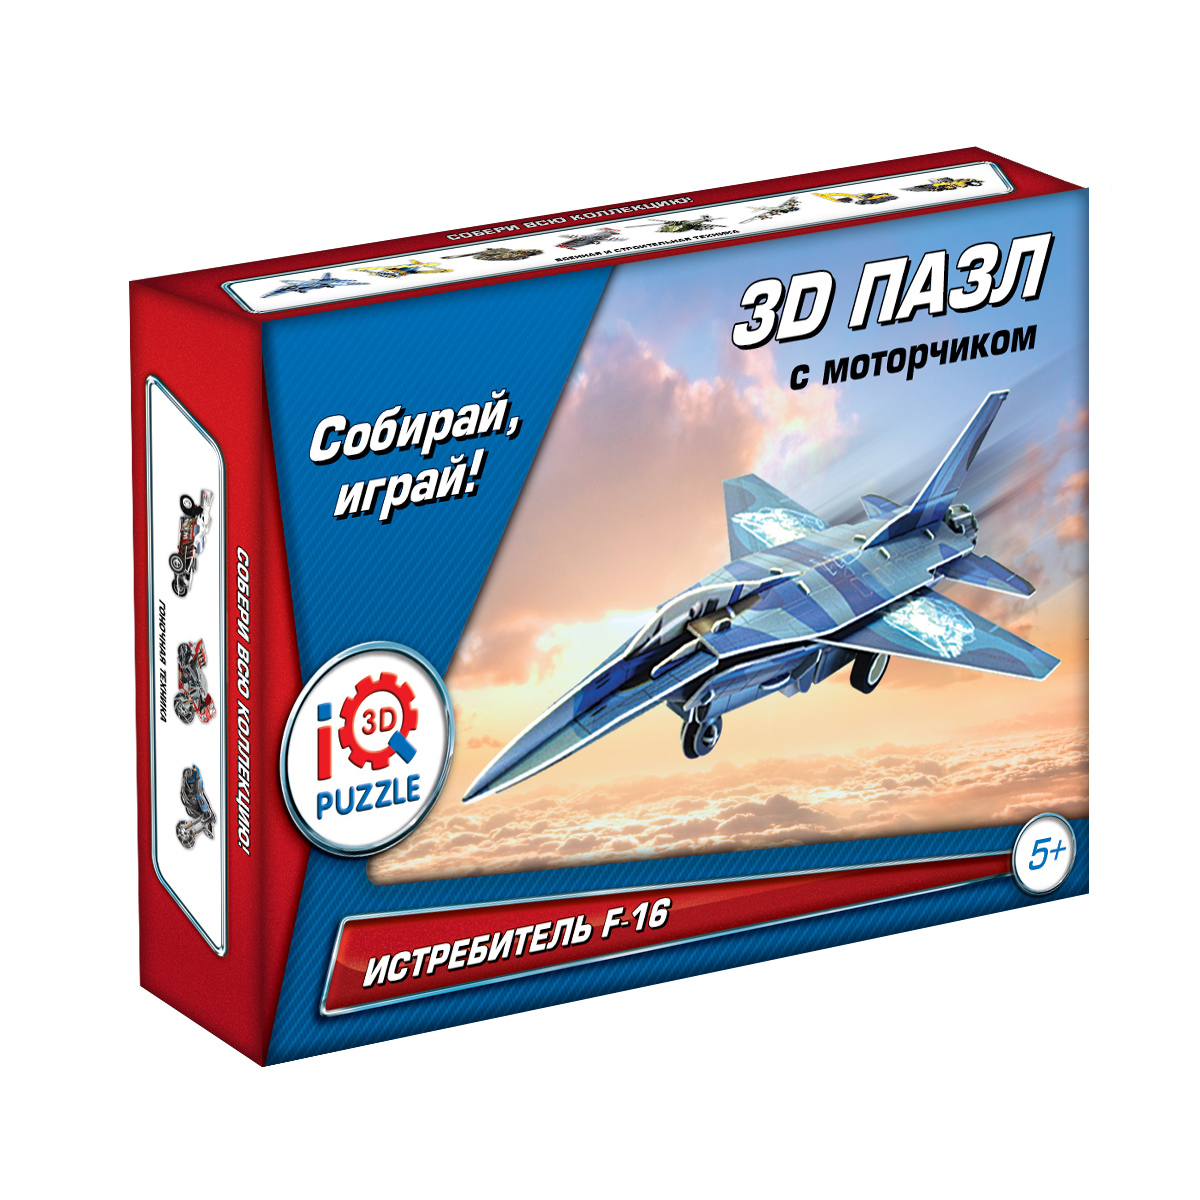 3D пазл - Истребитель F-16, инерционныйПазлы объёмные 3D<br>3D пазл - Истребитель F-16, инерционный<br>